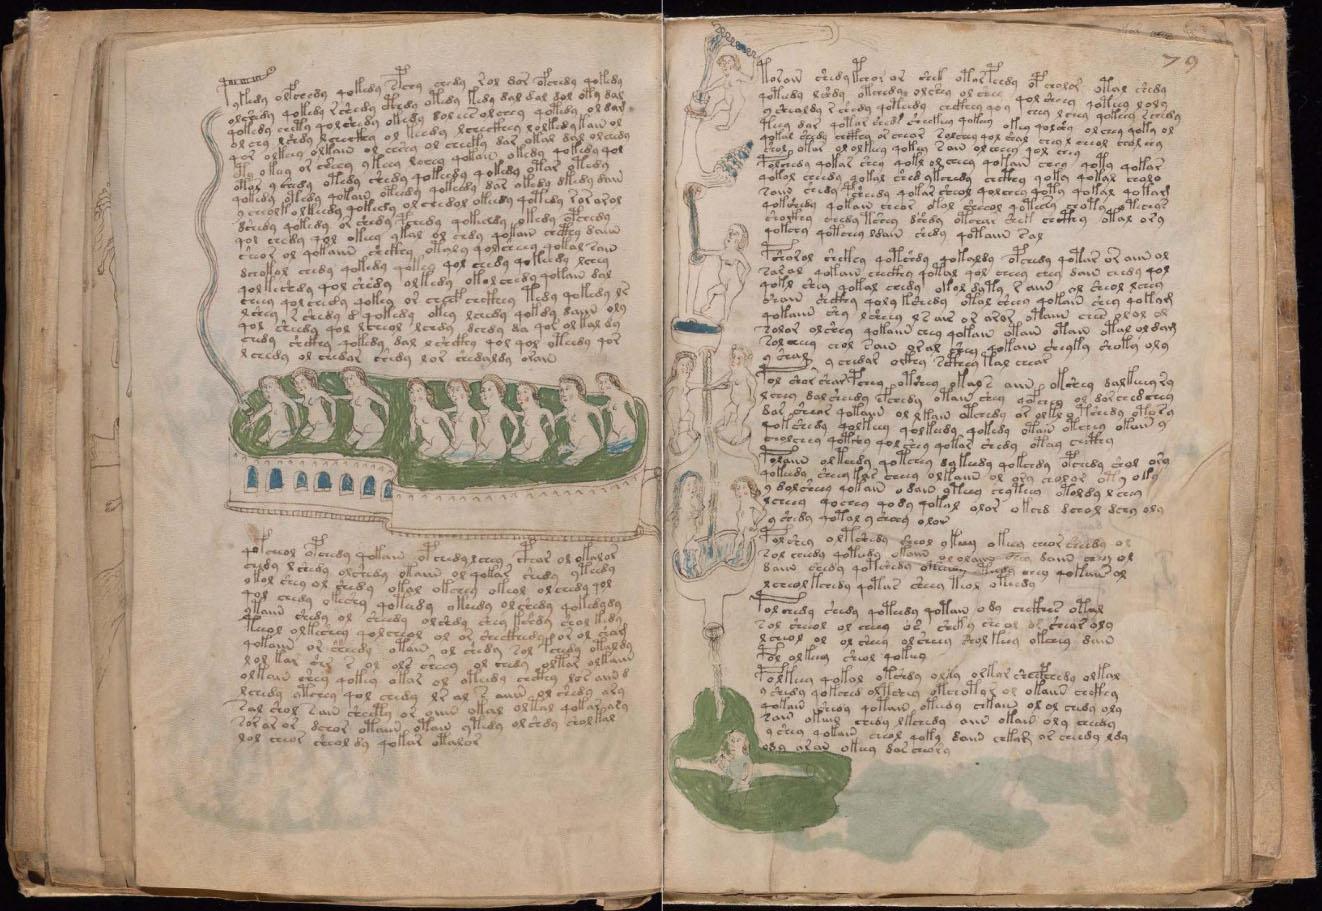 ヴォイニッチ手稿【第3部】生物学のページ2